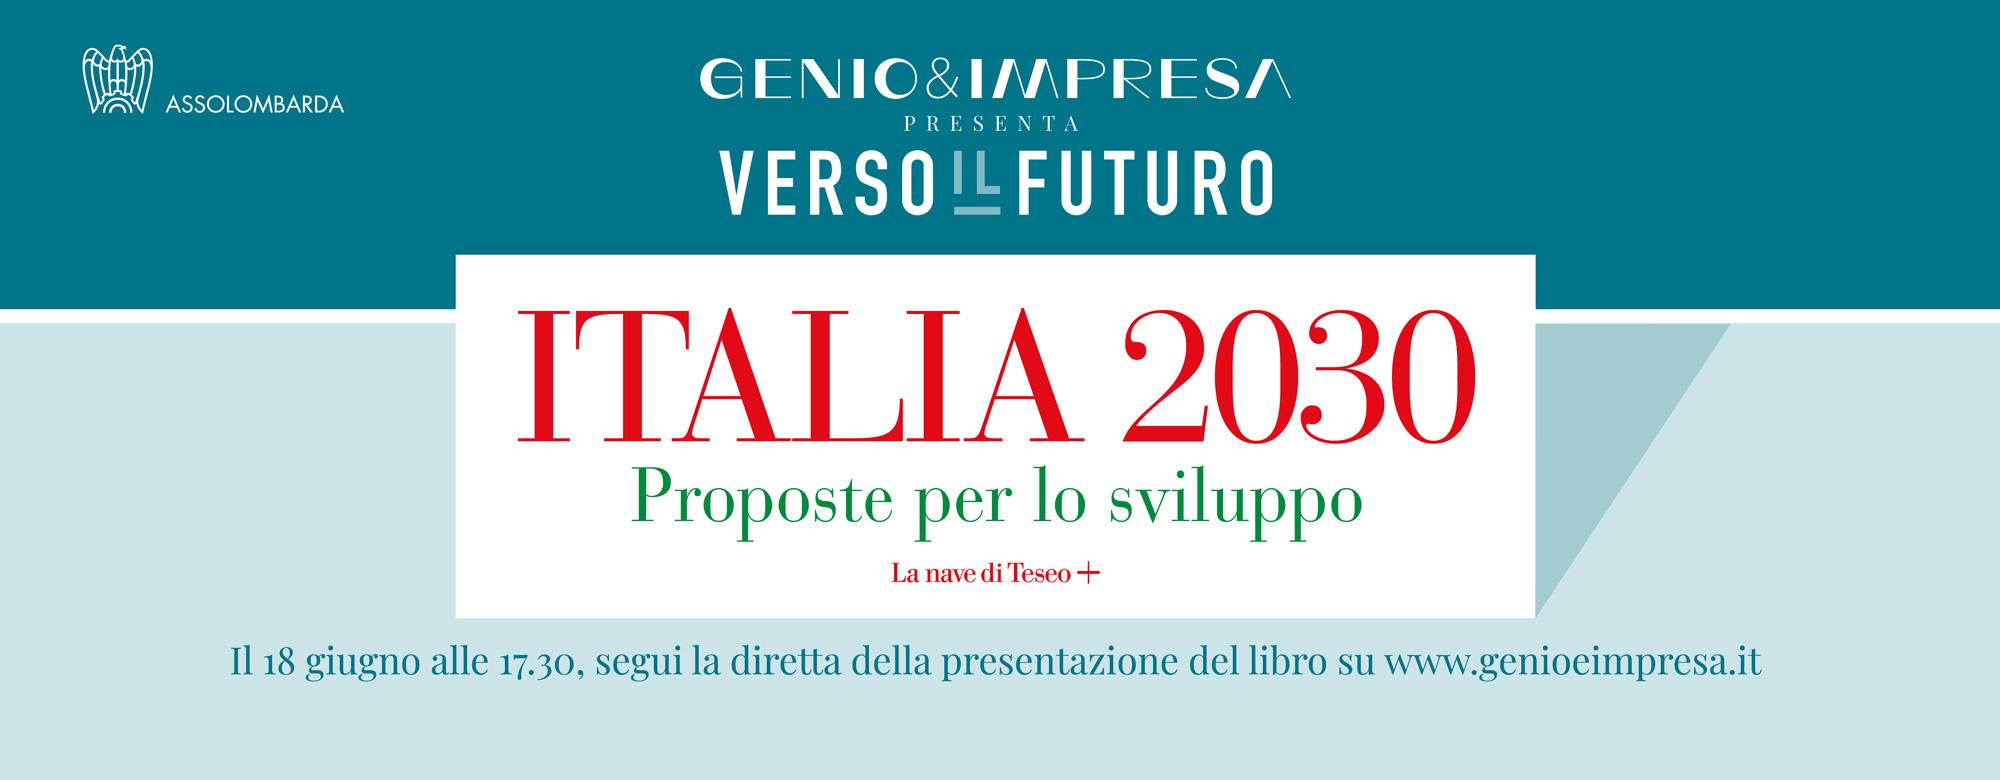 """Presentazione libro """"ITALIA 2030. Proposte per lo sviluppo"""" - 18 giugno, in diretta sul webmagazine Genio&Impresa"""